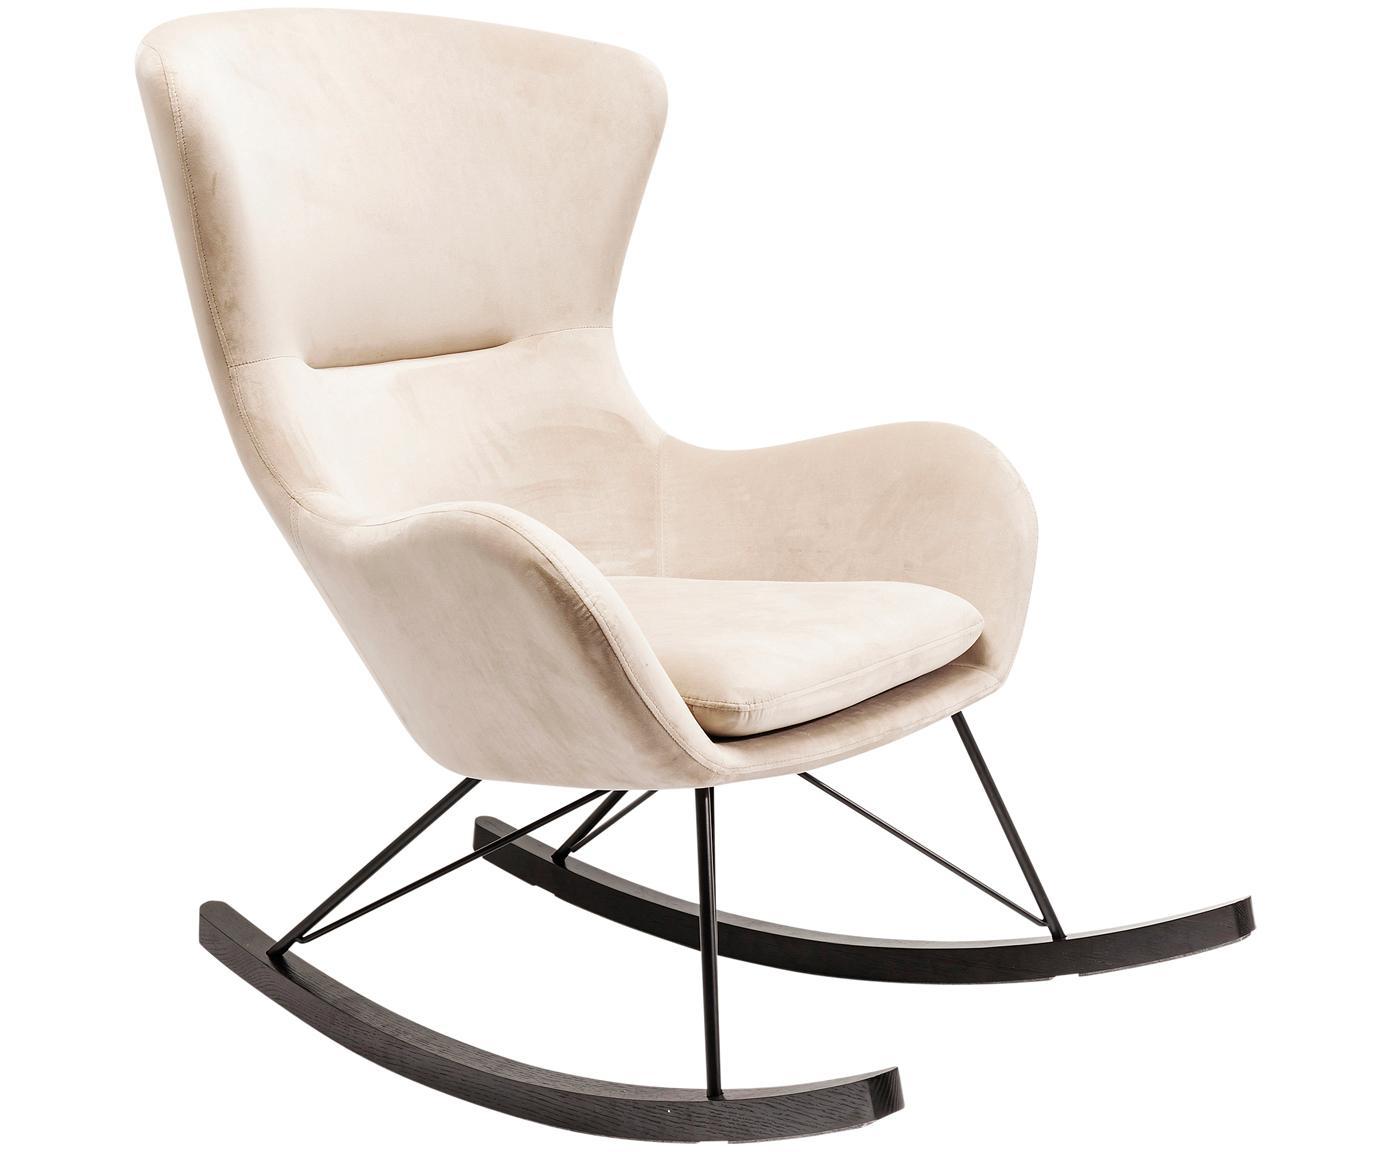 Fluwelen schommelstoel Oslo in crèmekleur, Bekleding: polyester-velours, Poten: gepoedercoat staal, Frame: staal, Crèmekleurig, B 76 x D 103 cm